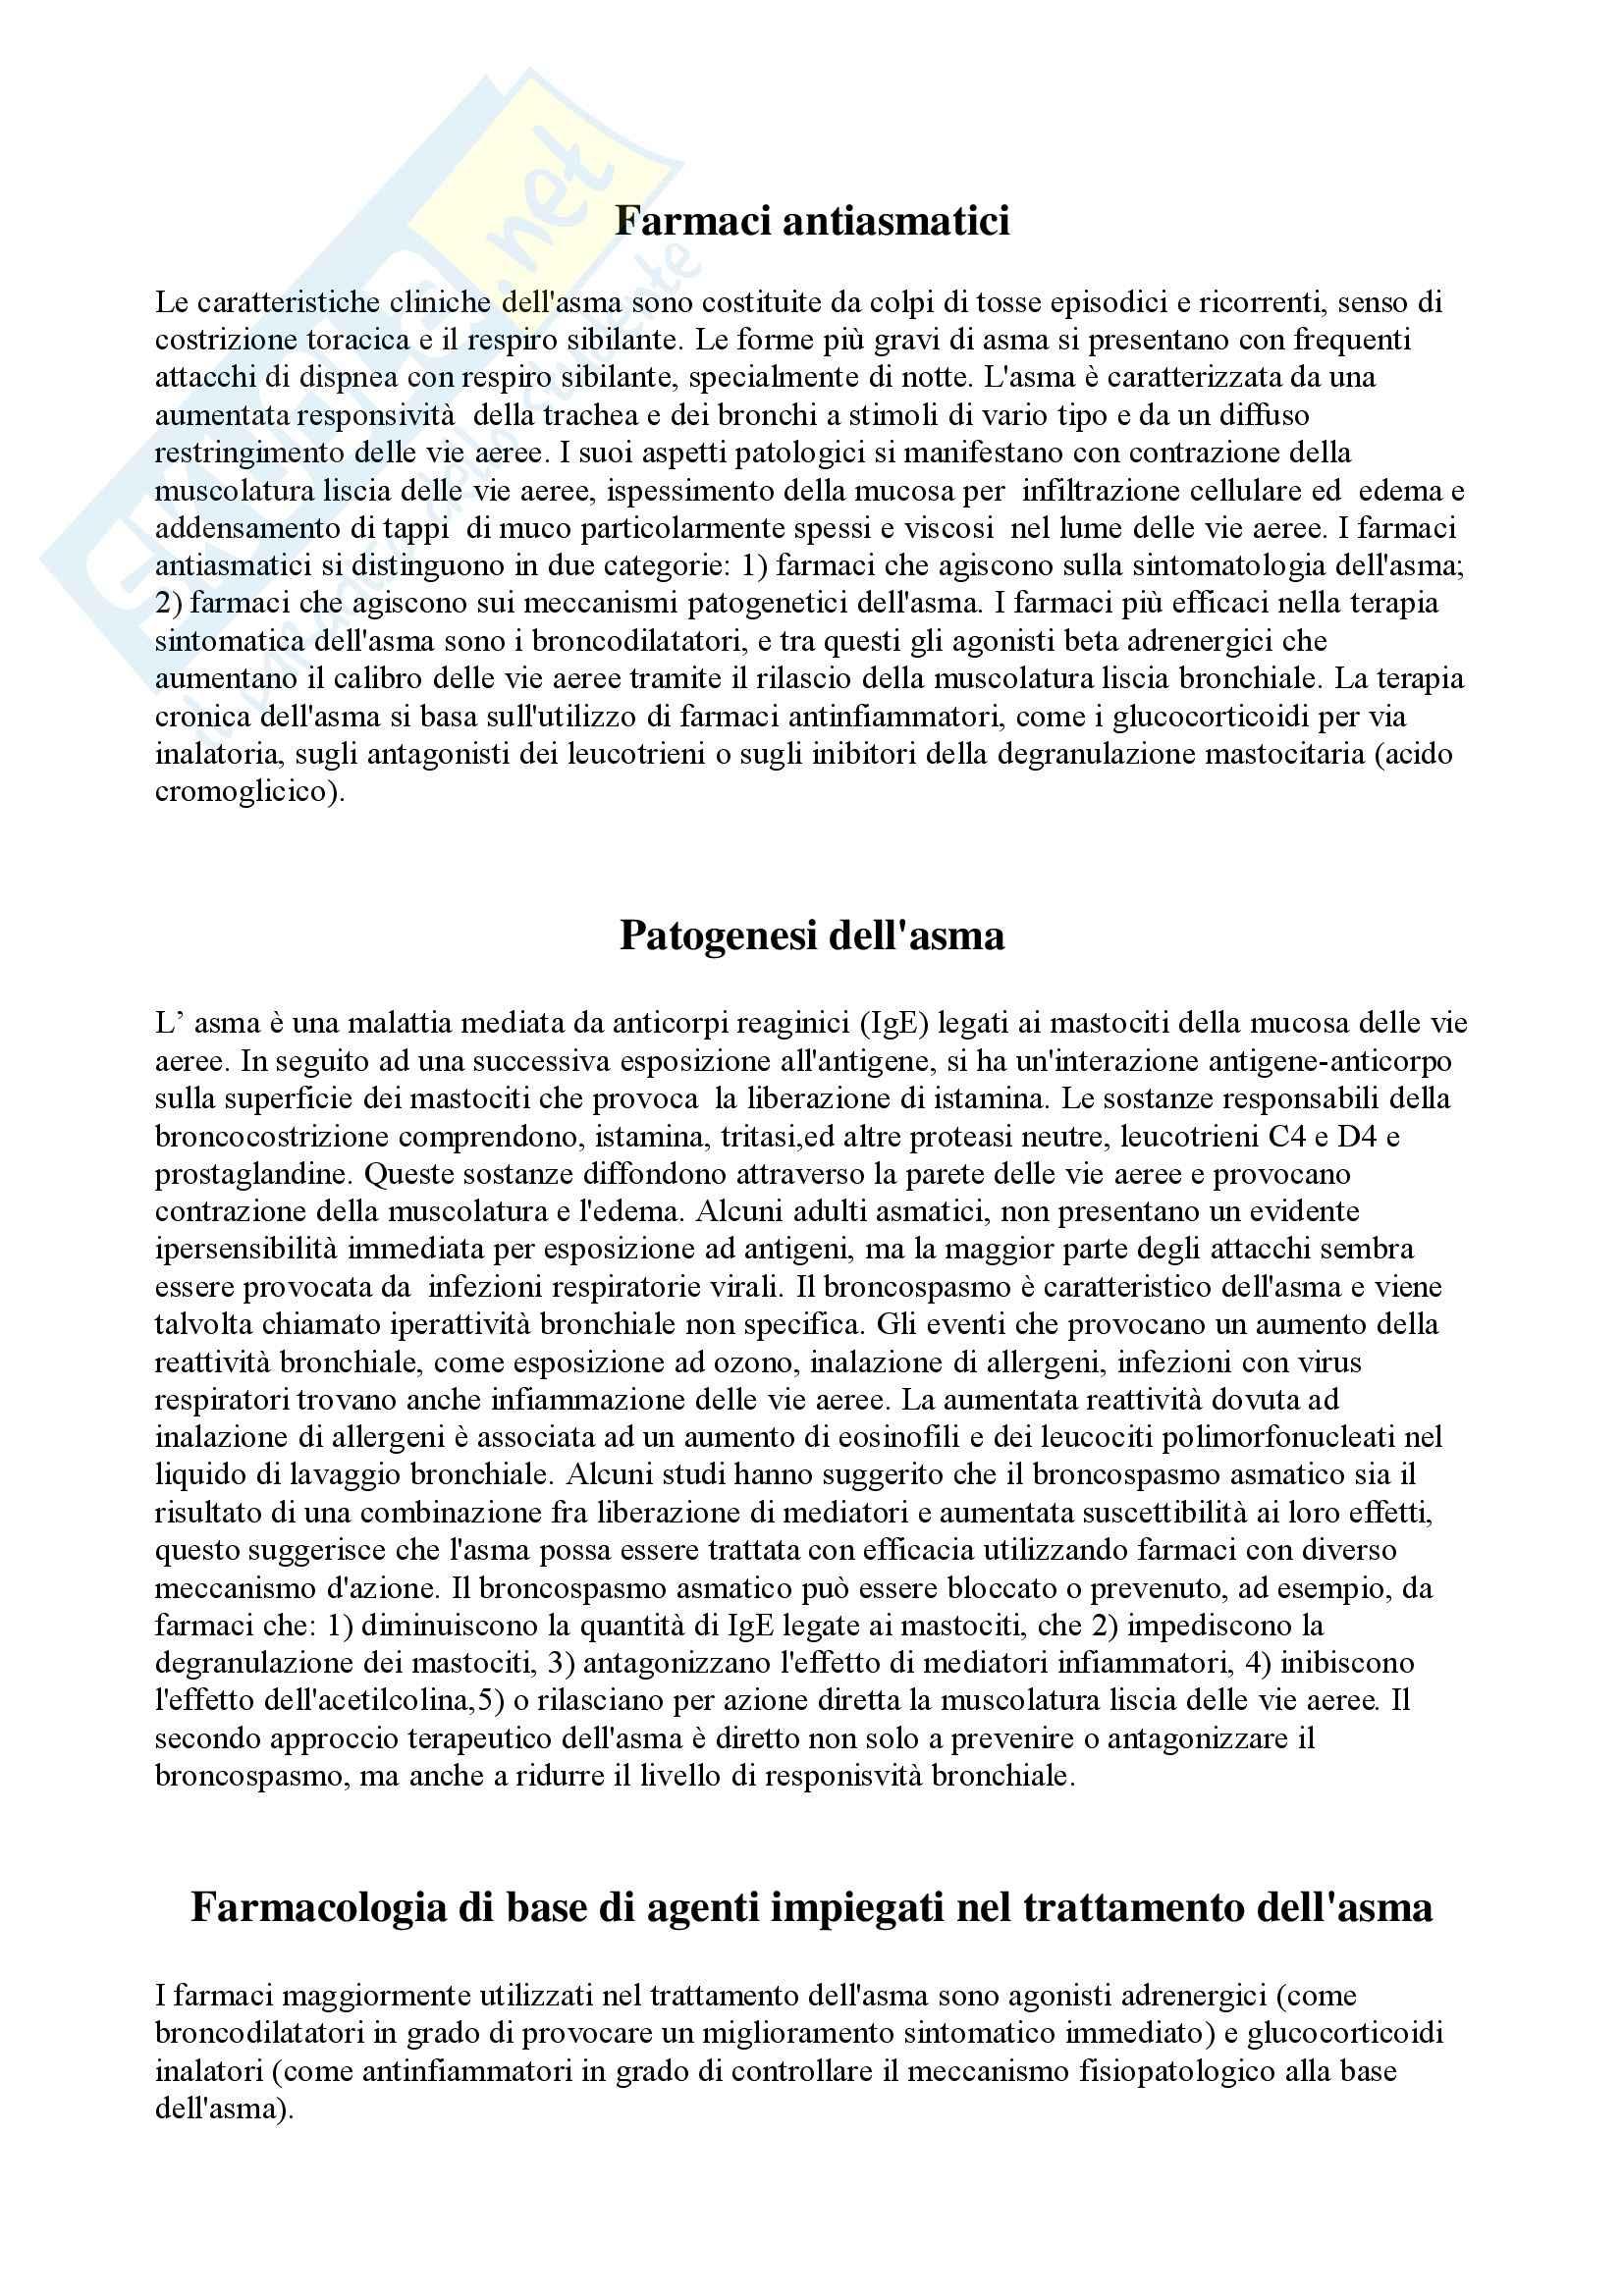 Farmacologia - farmaci antiasmatici - Appunti